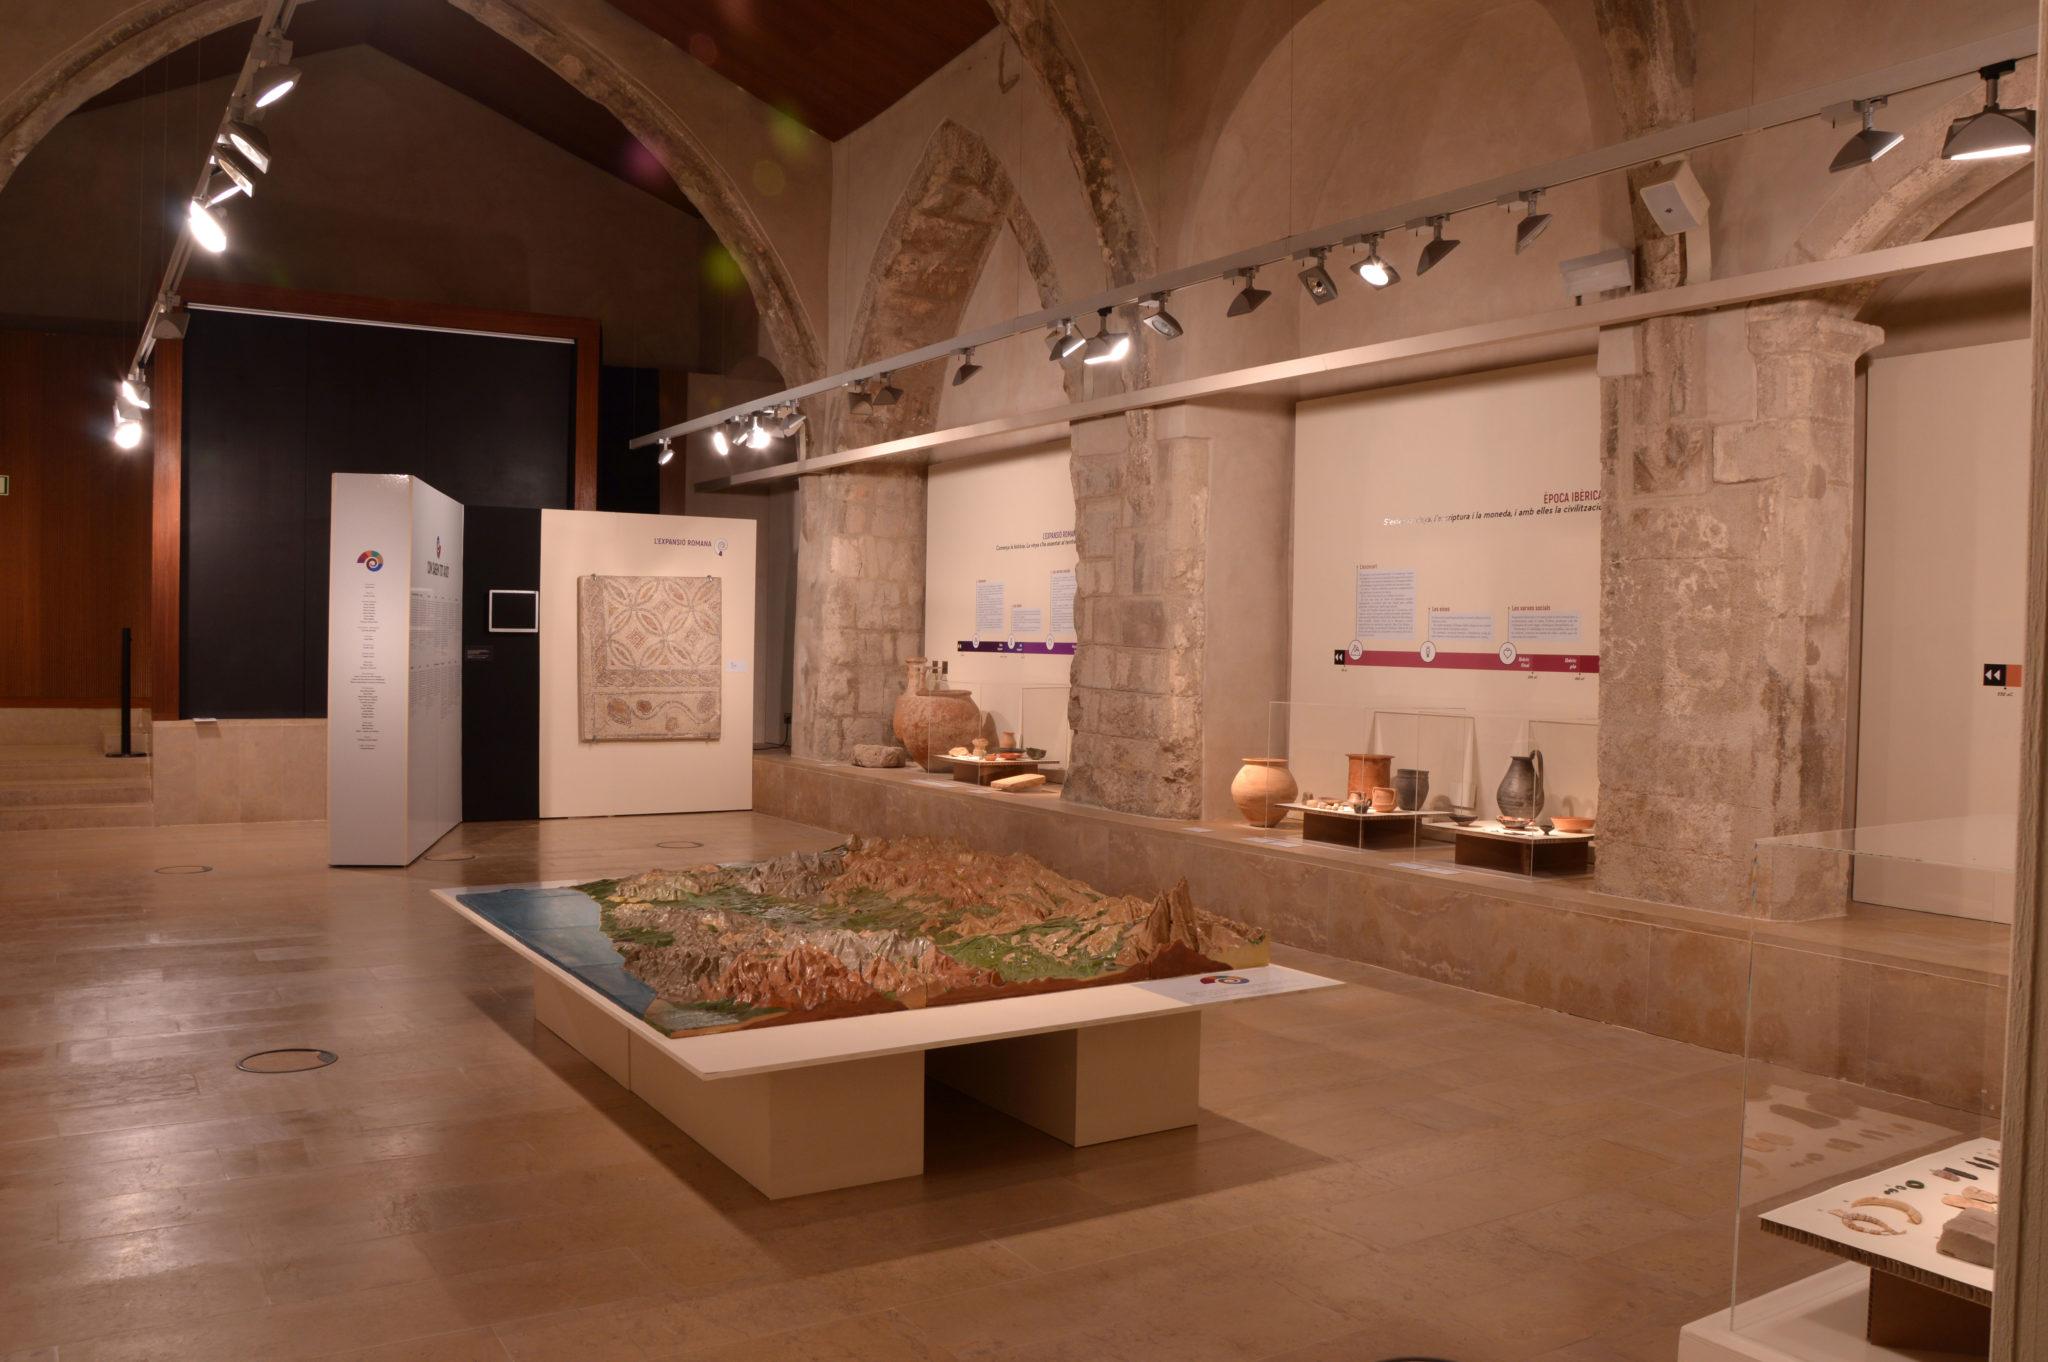 Abans de la Vinya Angels Pinyol A - ABANS DE LA VINYA - Disseny de l'exposició sobre la història de la Vinya